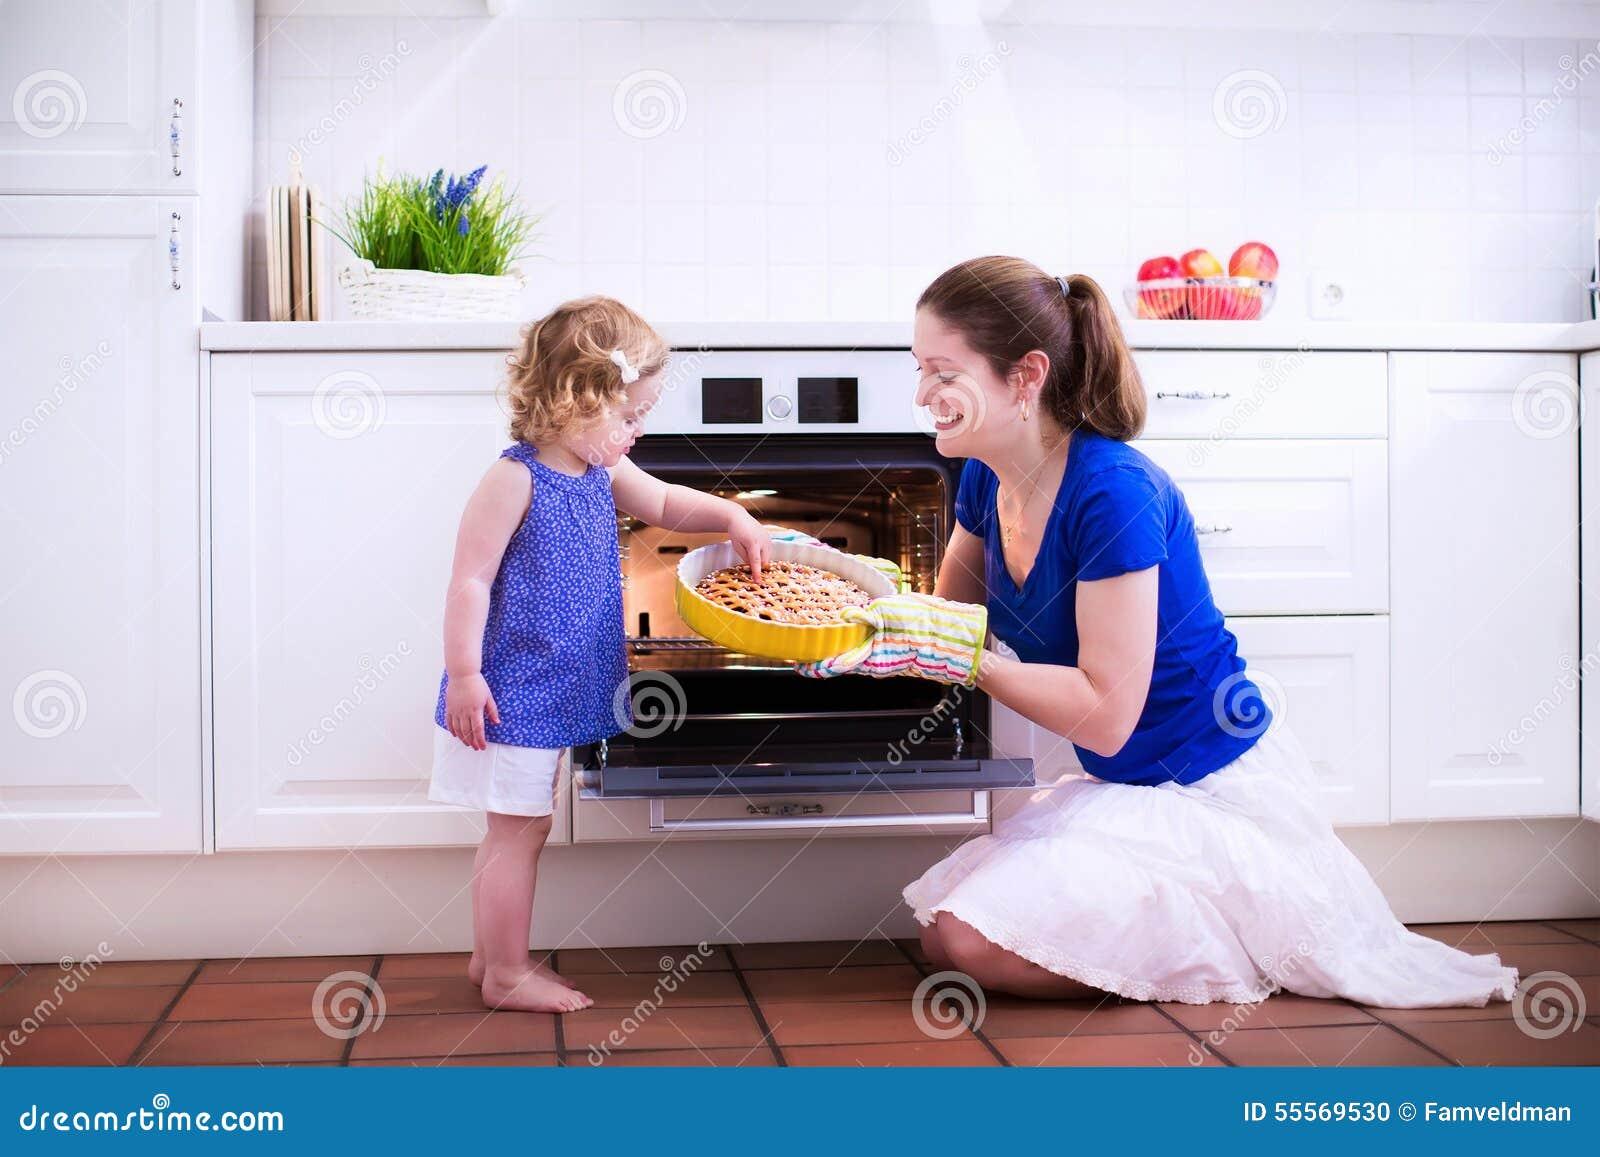 Best Kitchen Appliance Making Baby Food